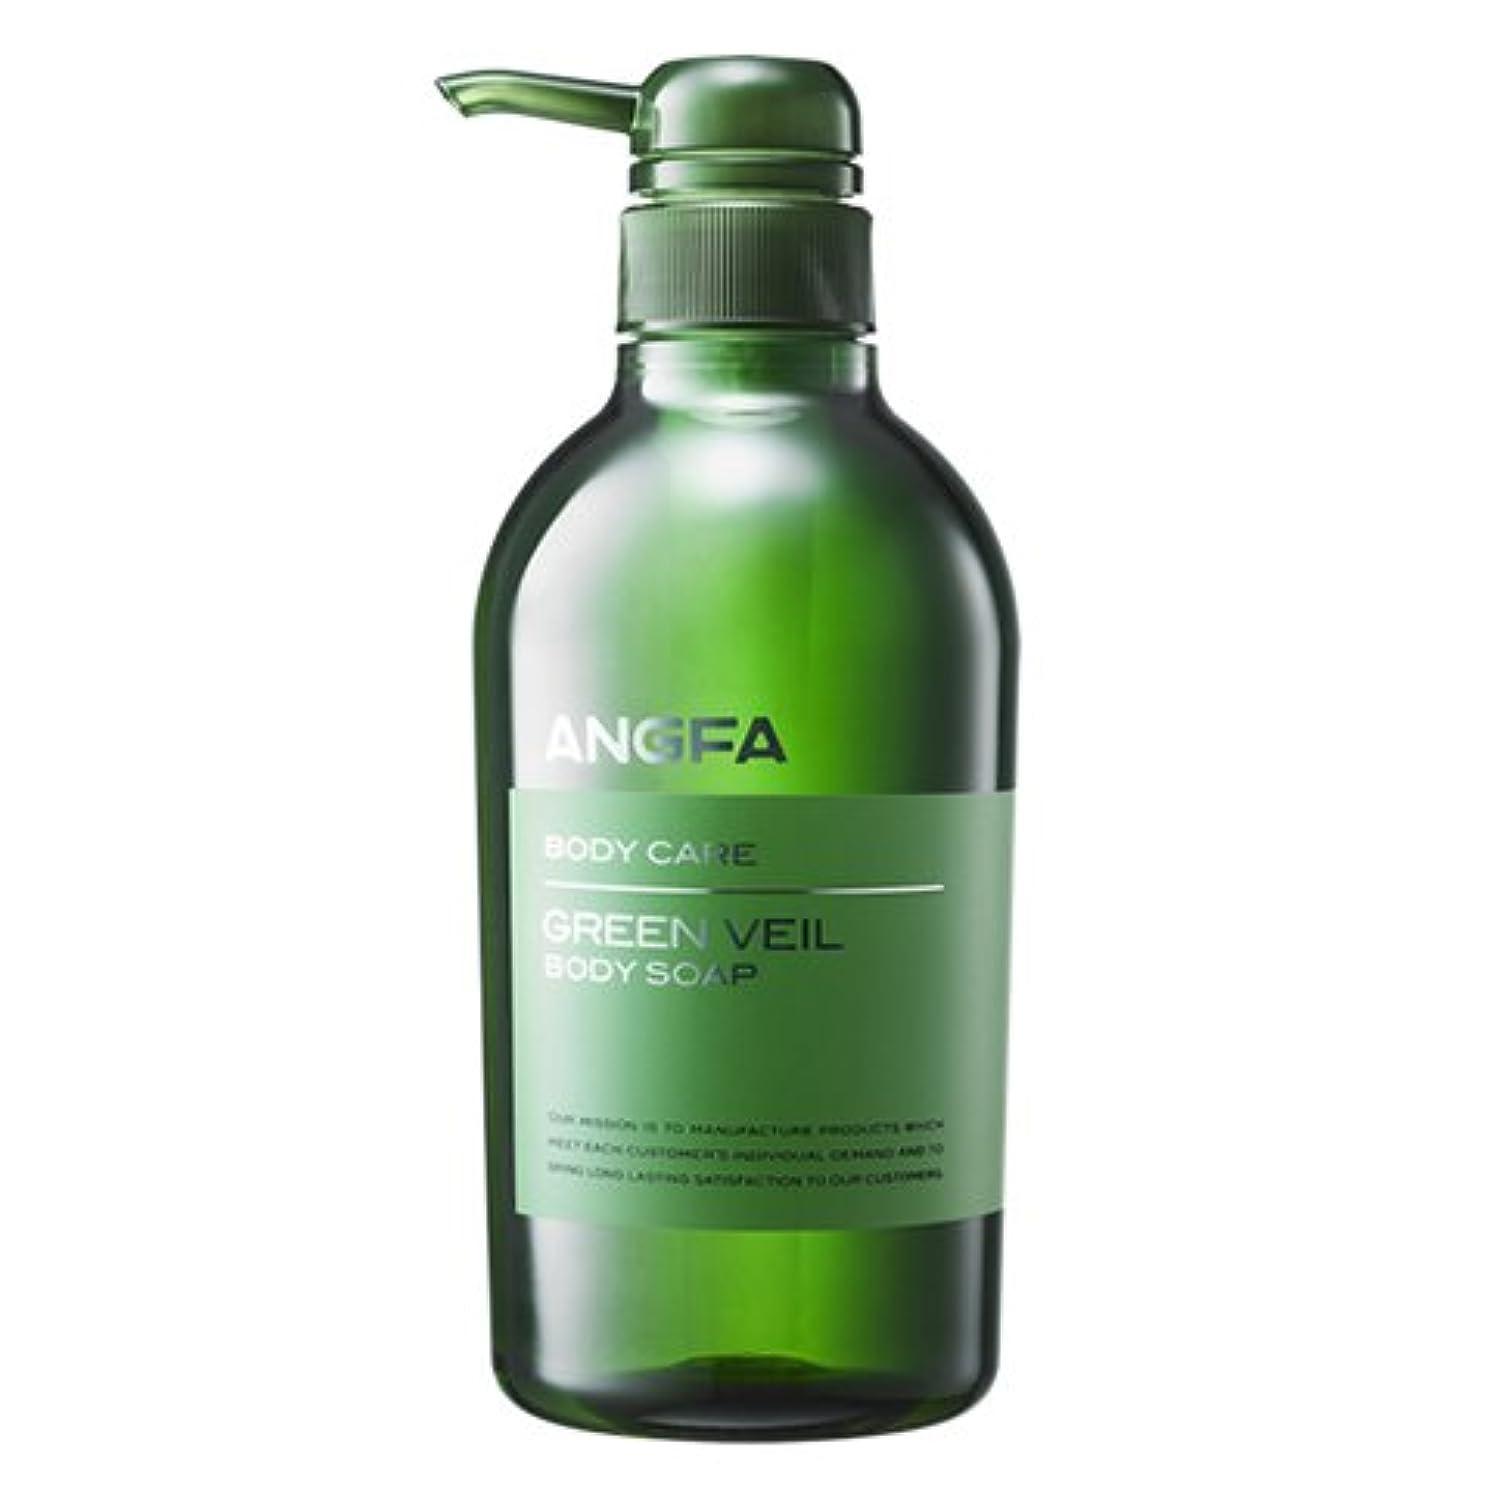 砂騙すうまくいけばアンファー (ANGFA) グリーンベール 薬用ボディソープ 500ml グリーンフローラル [乾燥?保湿] かゆみ肌